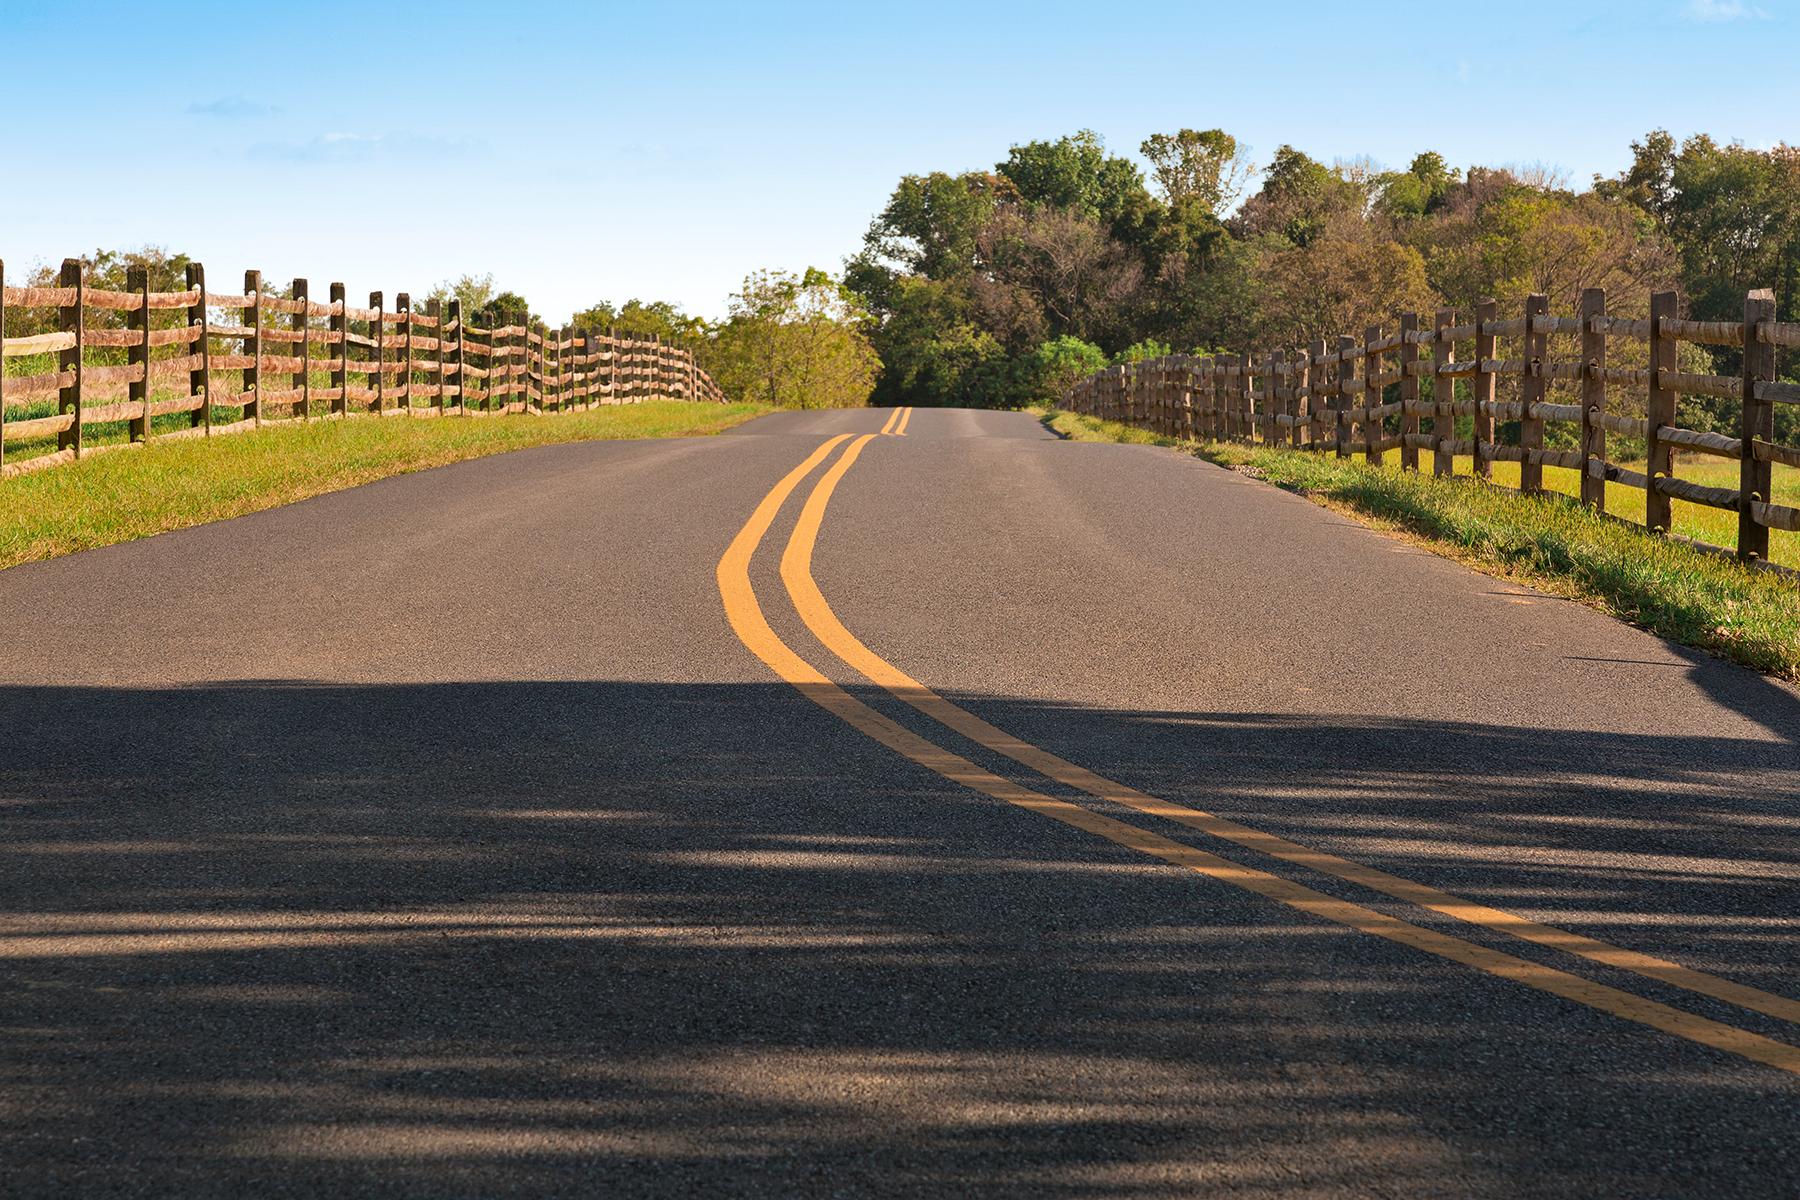 Rural antietam road photo